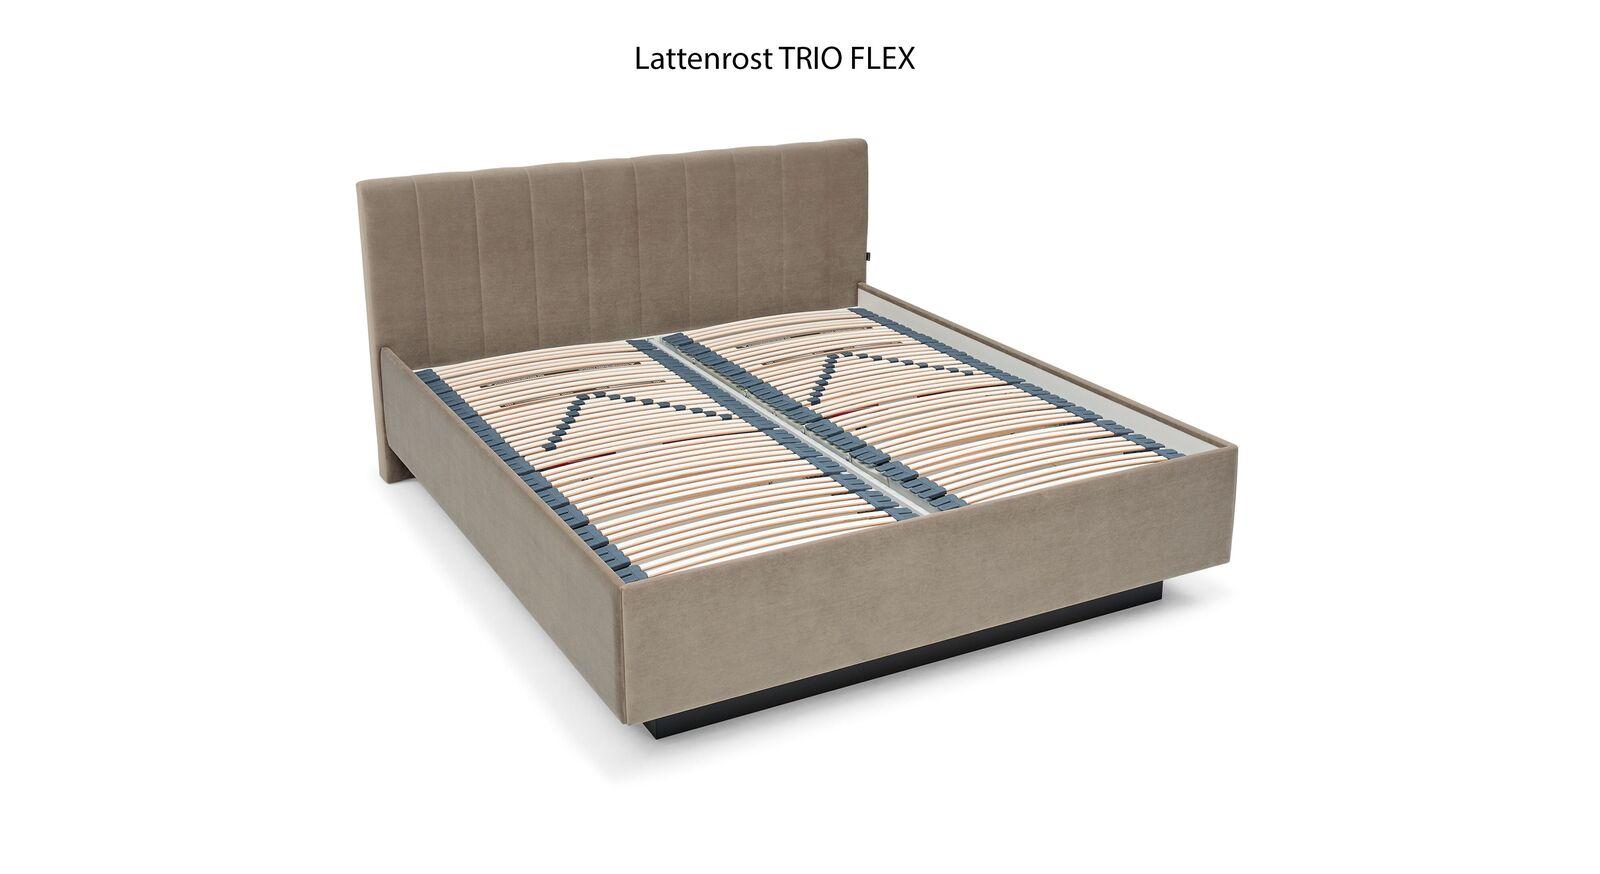 MUSTERRING Lattenrost Trio Flex mit Verstellung